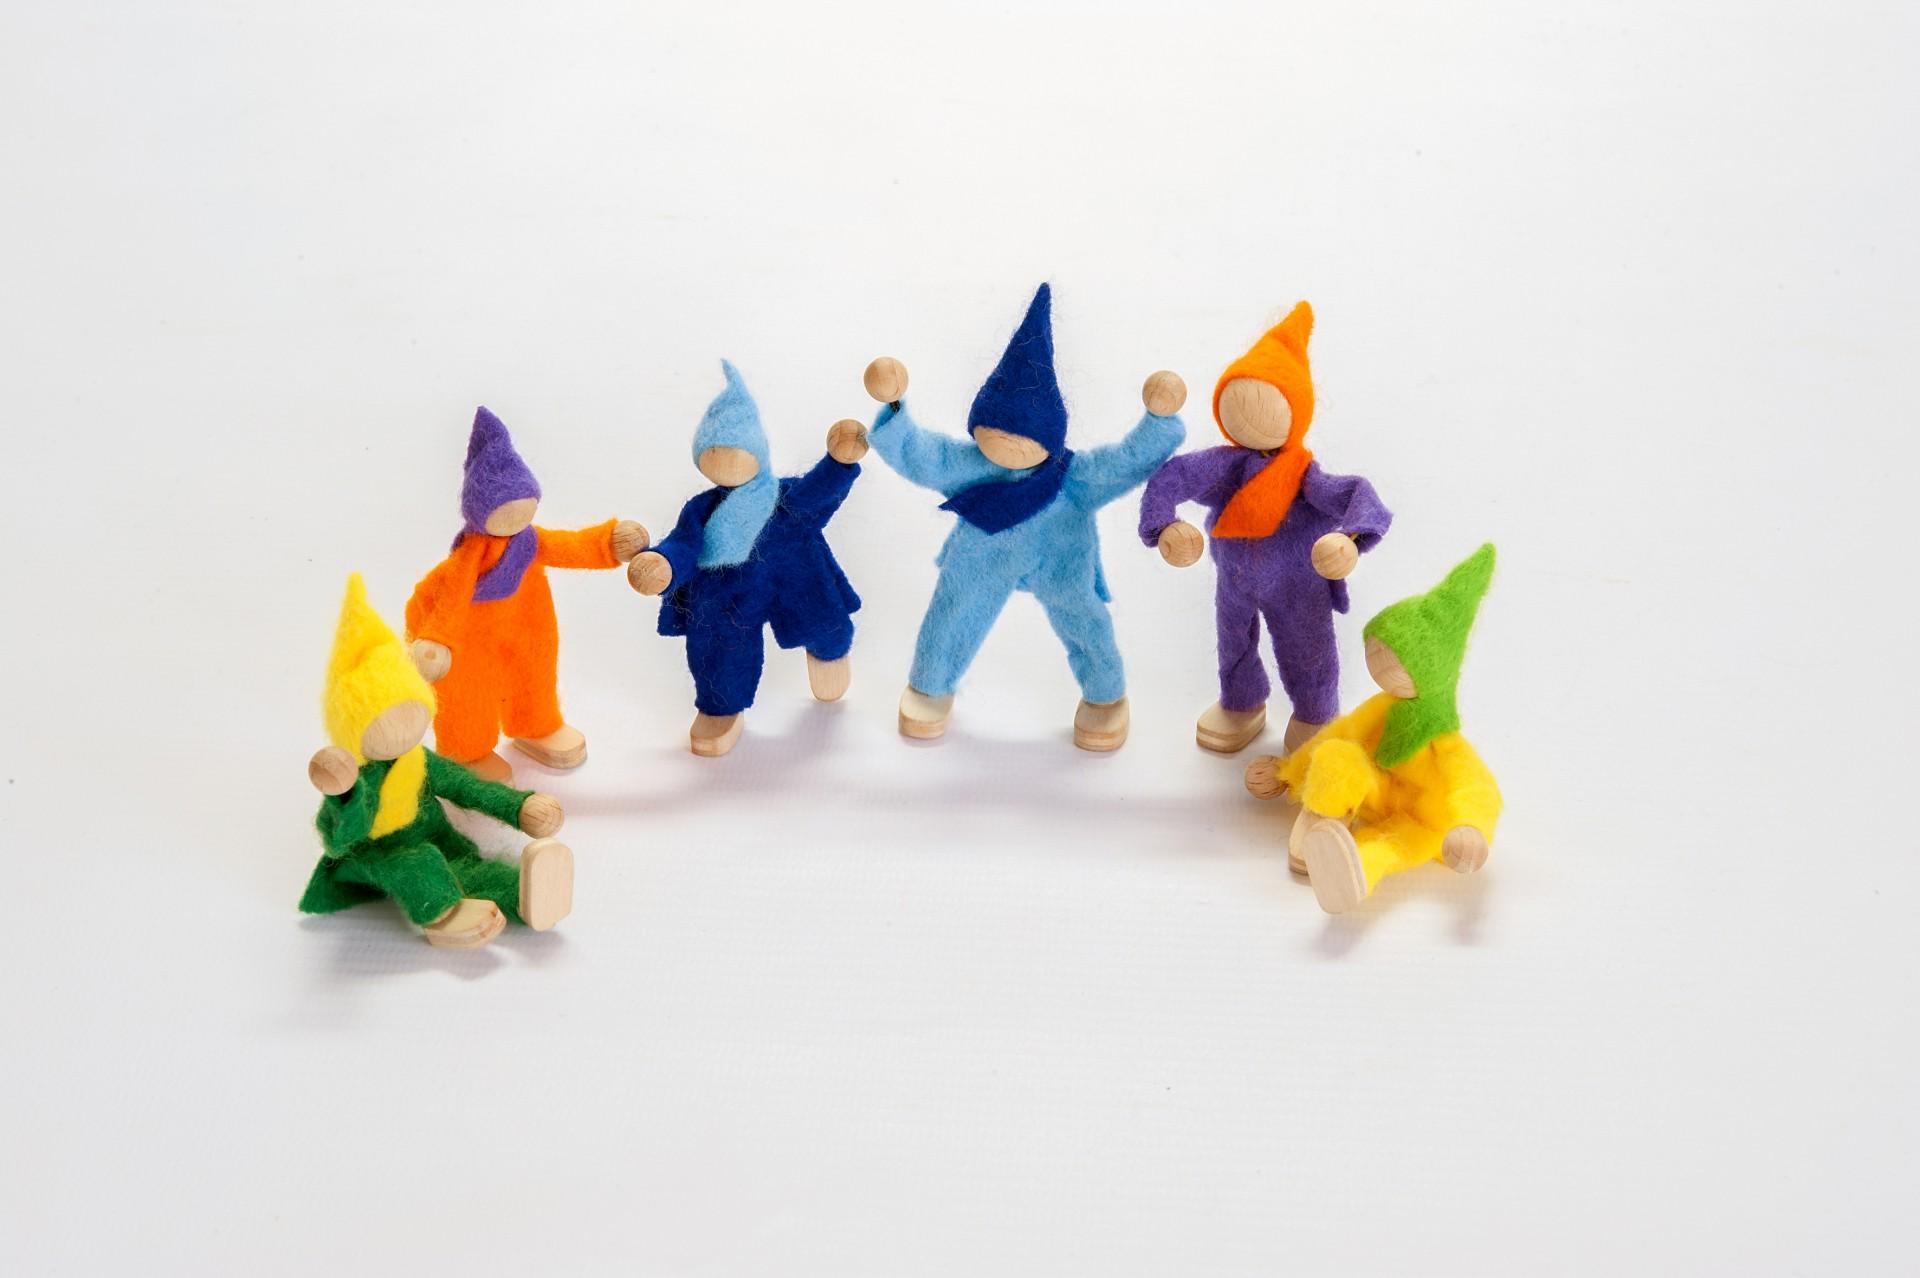 6 Elfos - Magic Wood